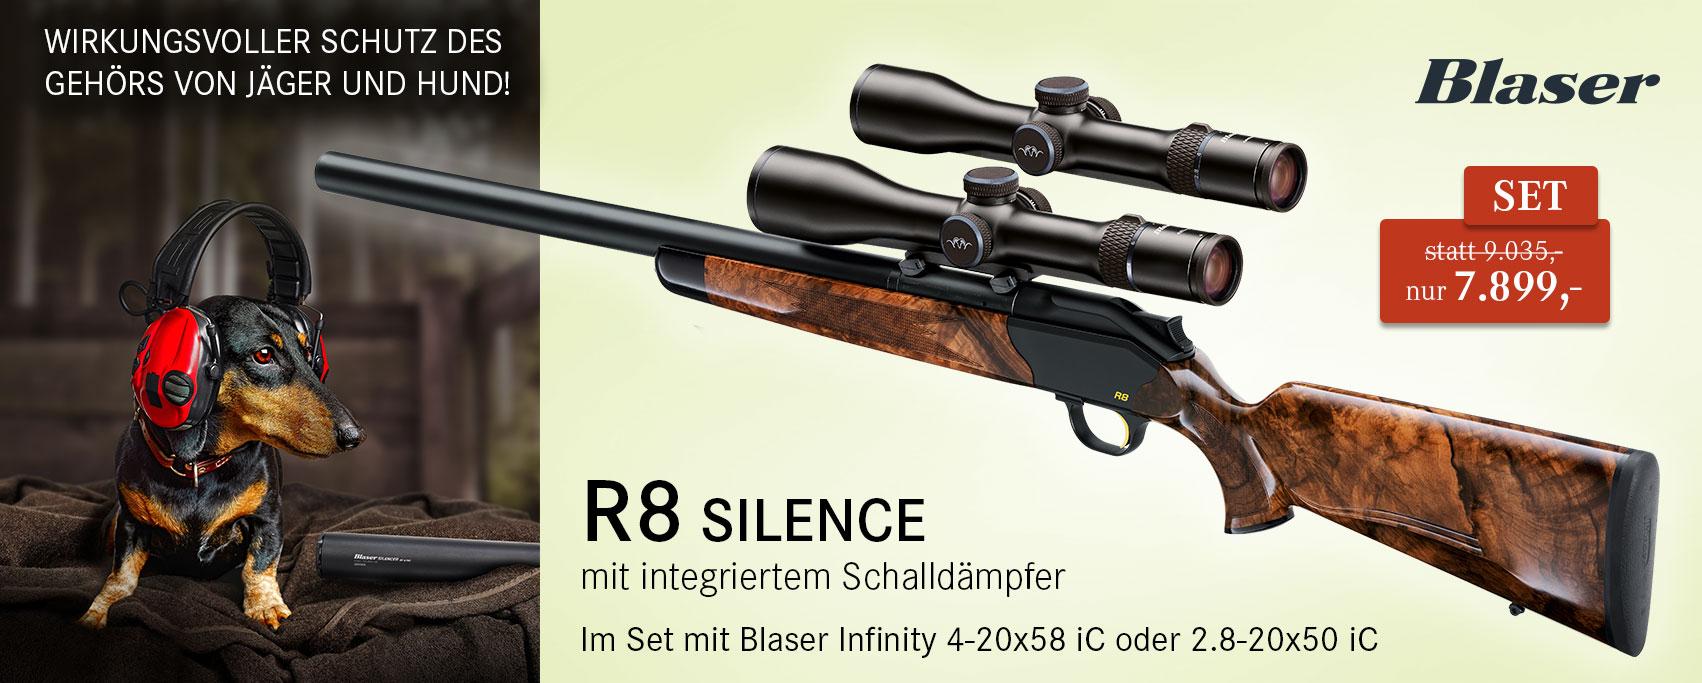 Blaser Silence R8 Set